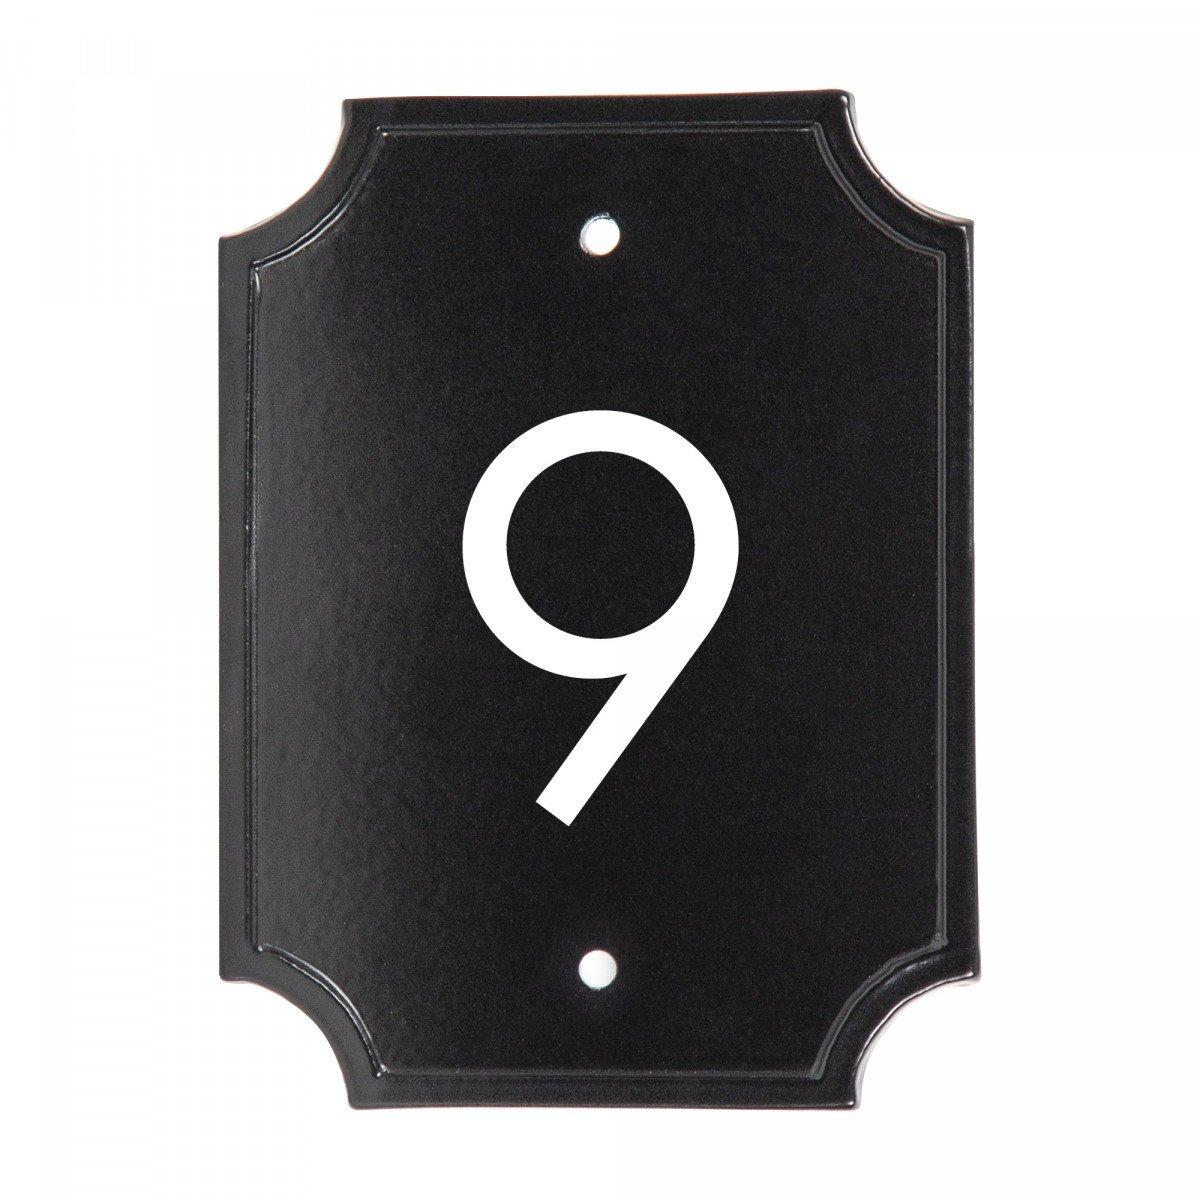 Mooi klassiek vormgegeven naambord geveldecoratie van hoogwaardige kwaliteit in een stijlvolle klassieke stijl van het merk KS Verlichting